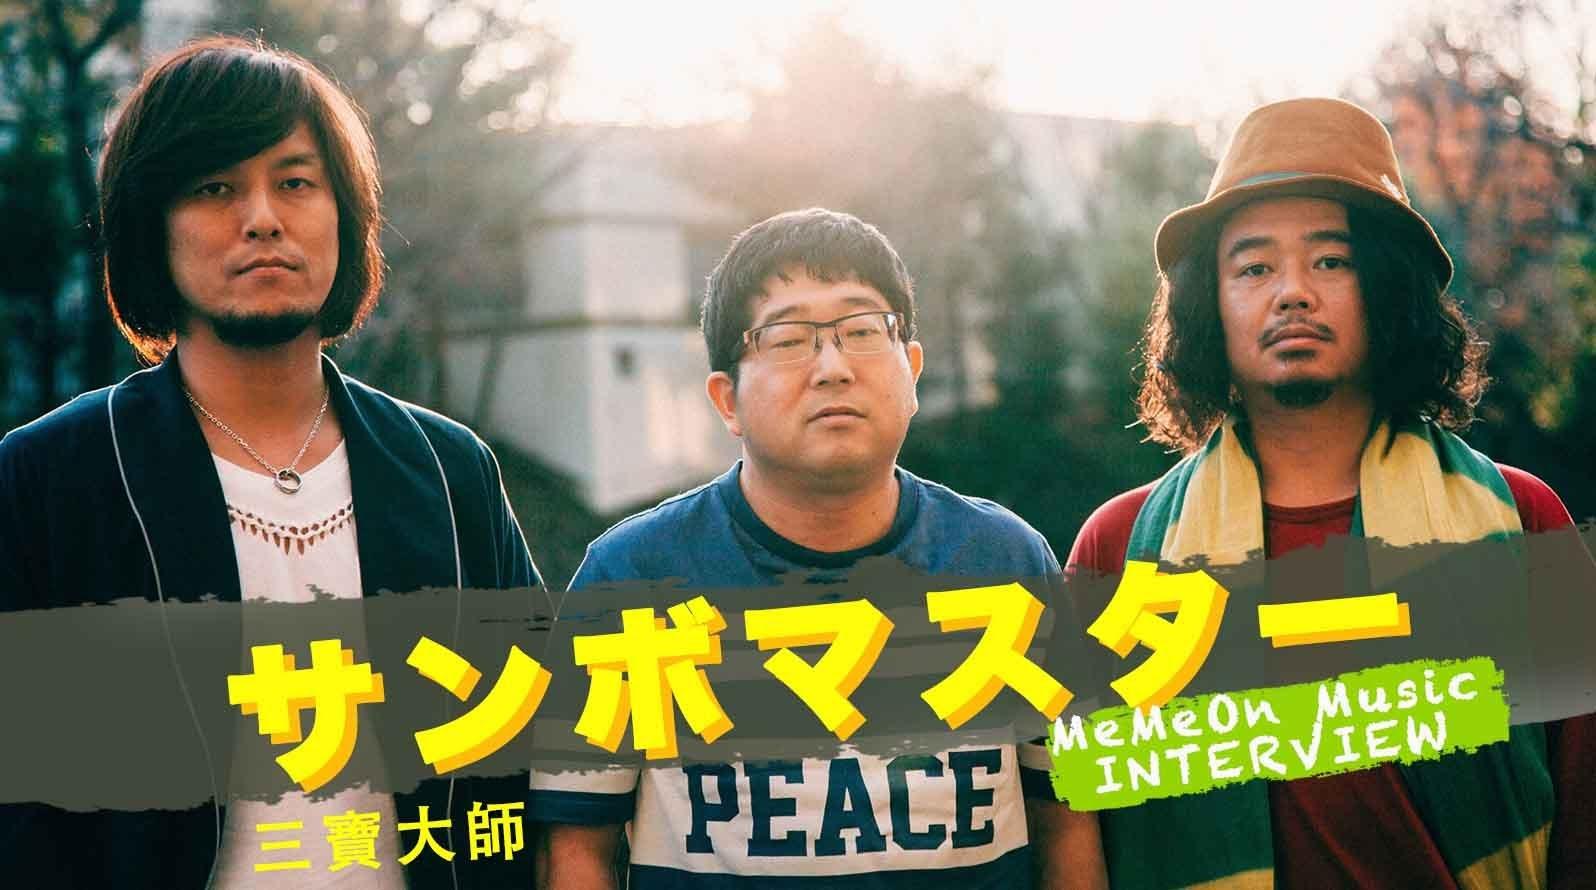 【迷迷專訪】三寶大師( サンボマスター )最愛台灣 來台最想逛唱片行搭高鐵